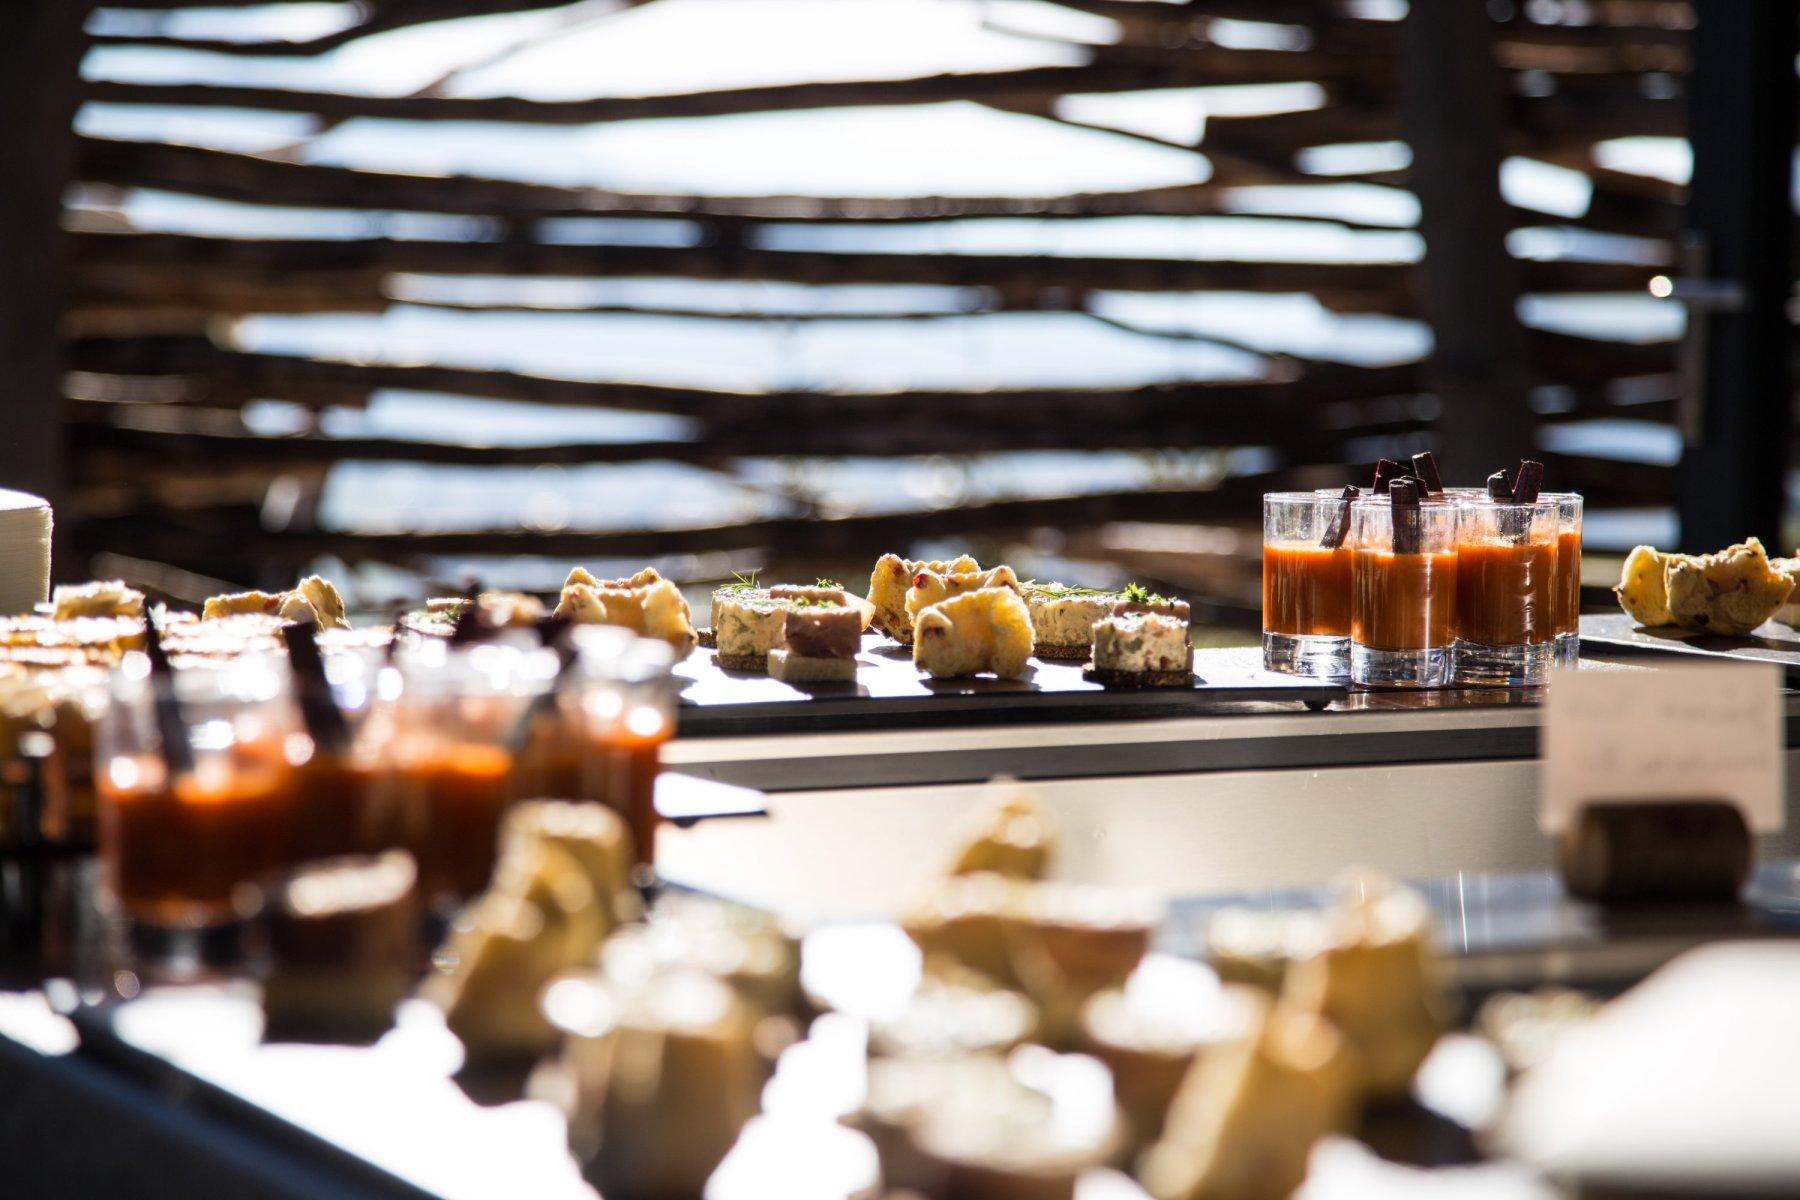 Kulinarischer Gaumengenuss bei Kultur am Berg